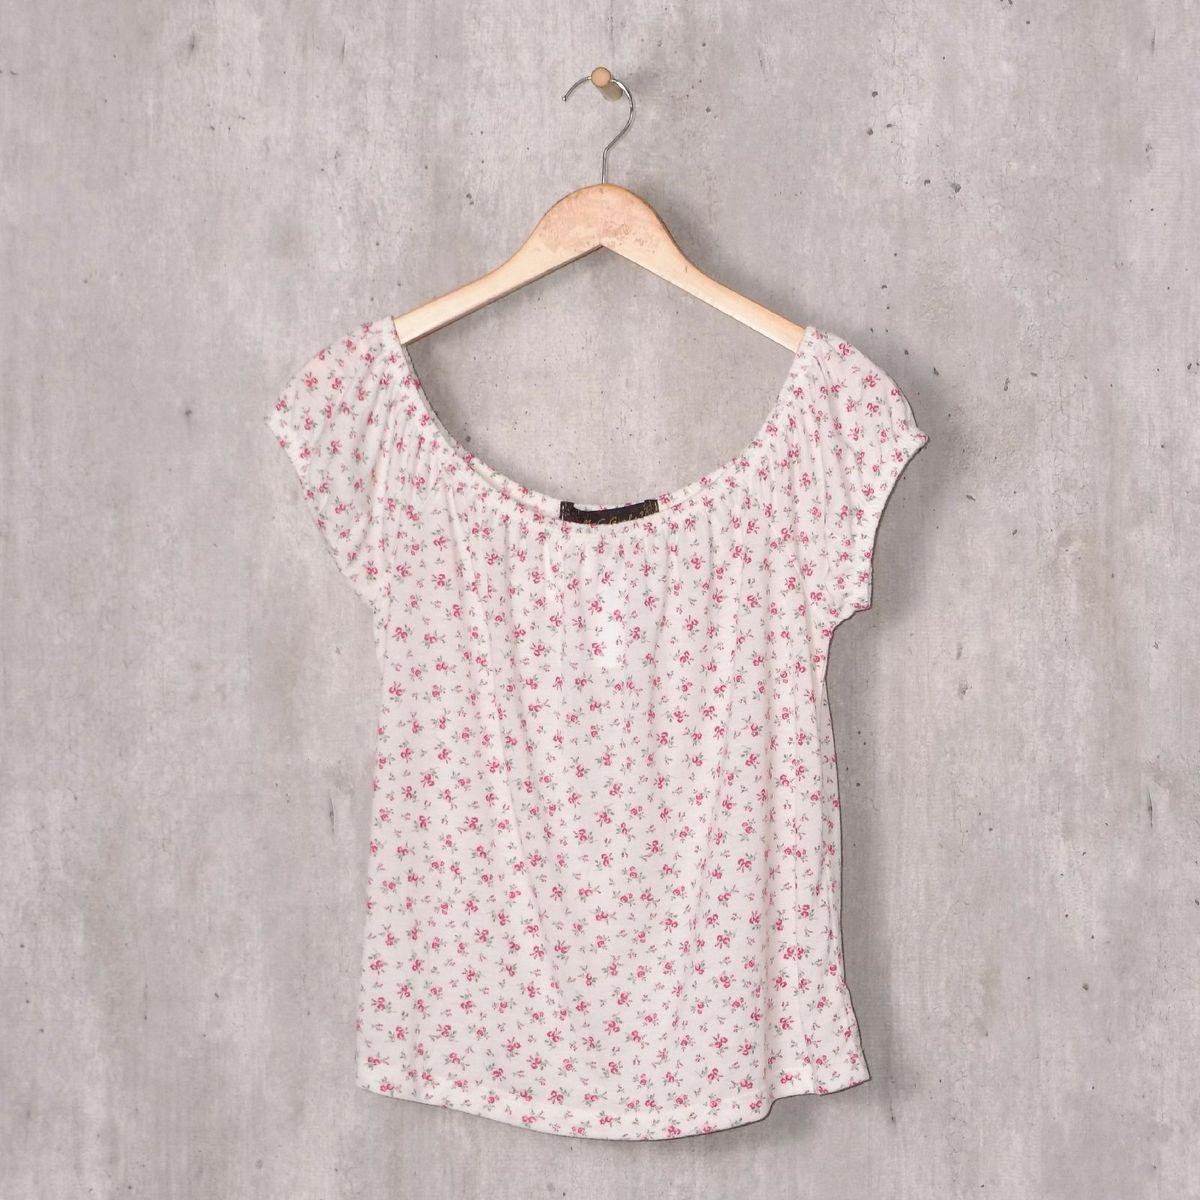 blusa branca floral ombro a ombro - blusas mrc girls